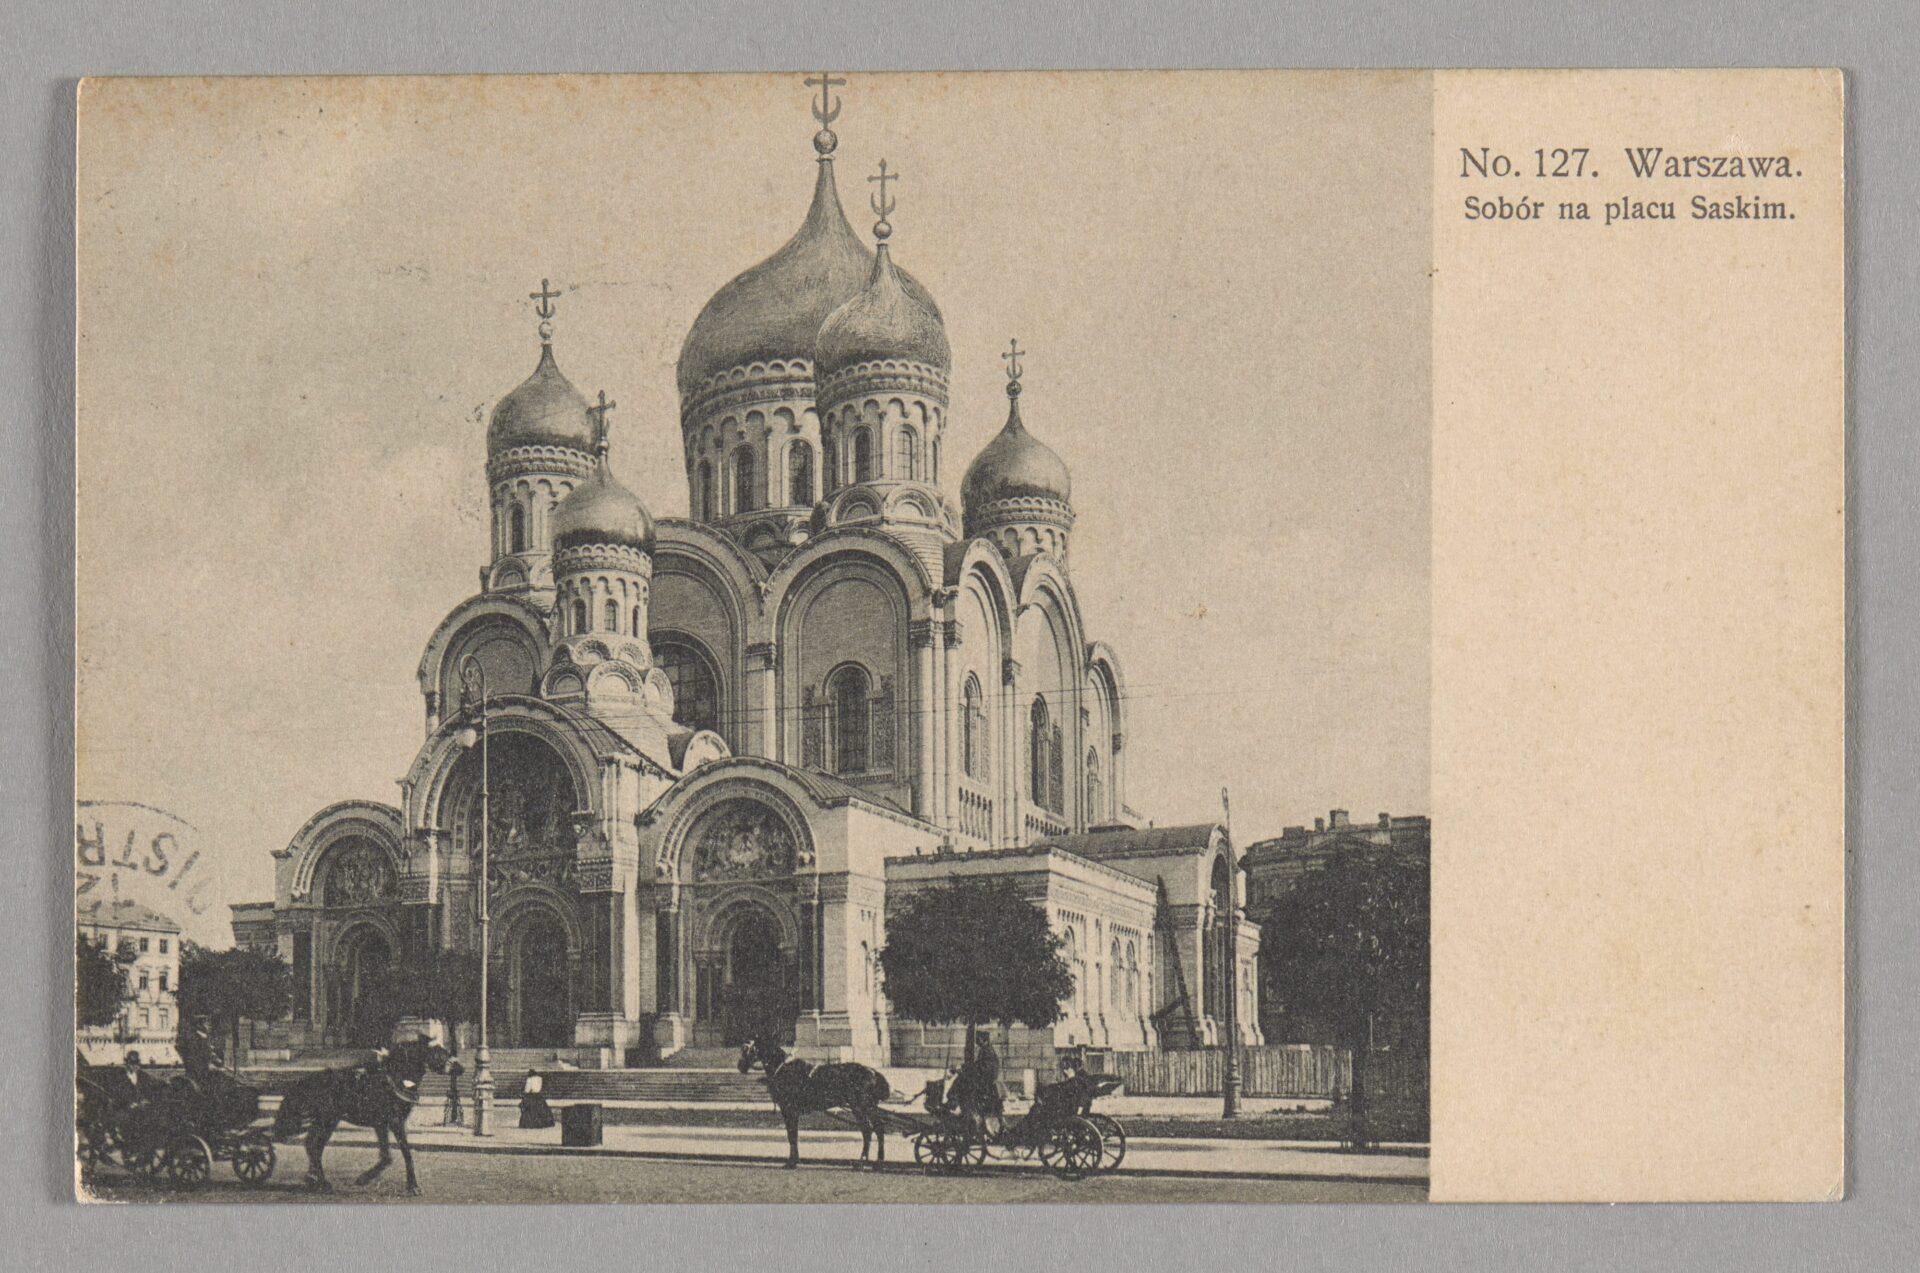 Zdjęcie wkolorach sepia. Świątynia prawosławna zcharakterystycznymi pięcioma cebulastymi kopułami.